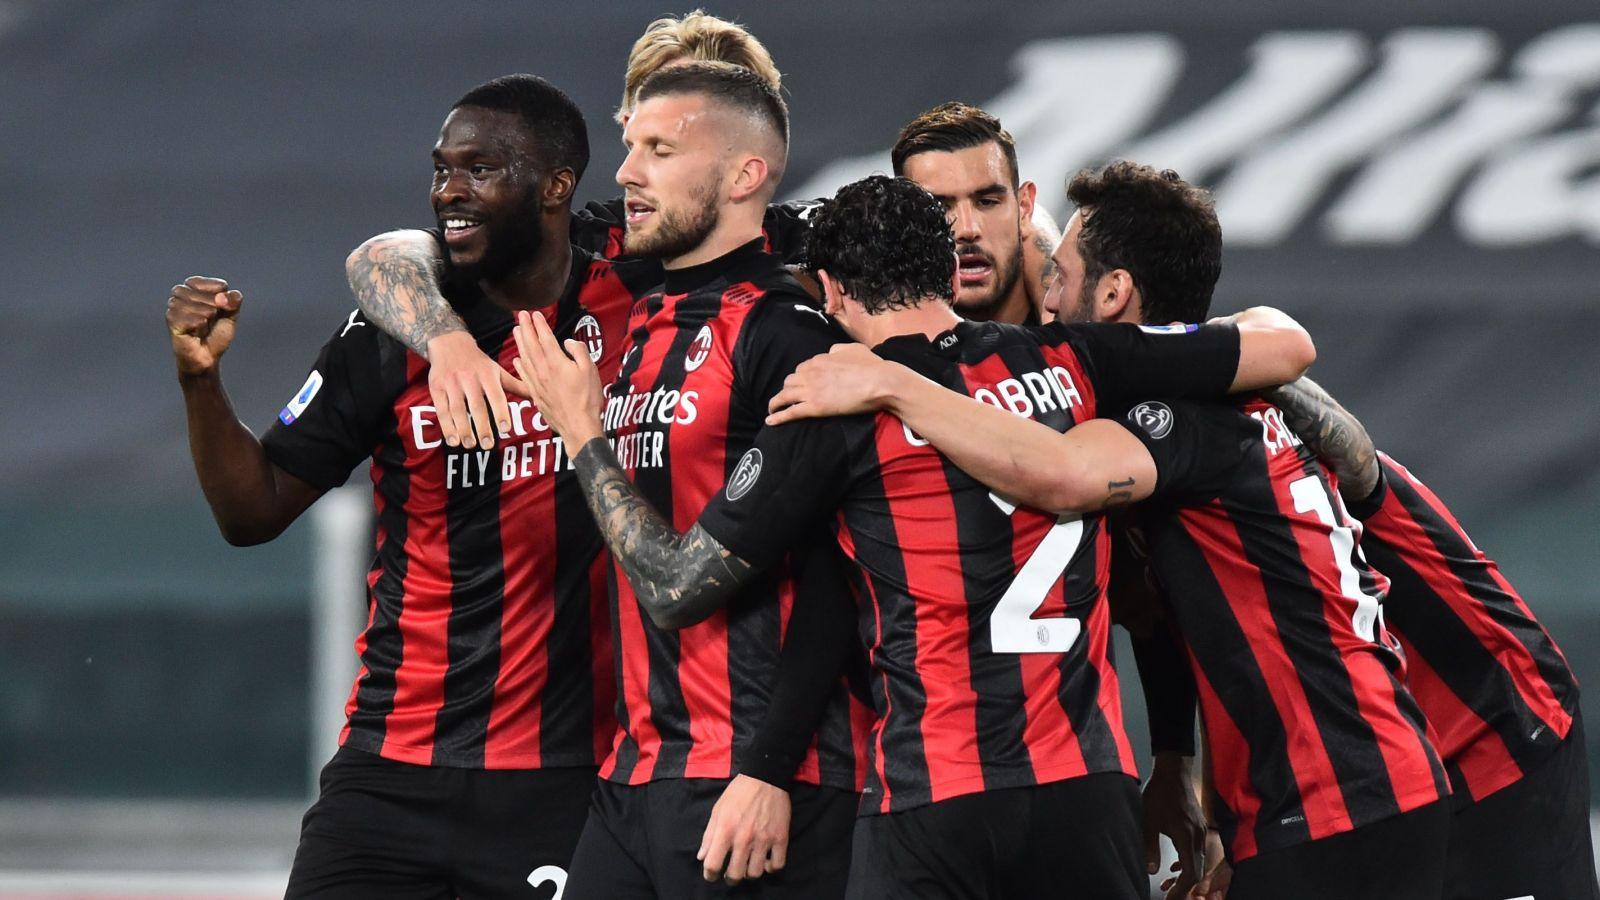 Pertandingan Serie A Italia yang mempertemukan AC Milan vs Cagliari dapat disaksikan via link live streaming berikut ini. (foto: MASSIMO PINCA/REUTERS)